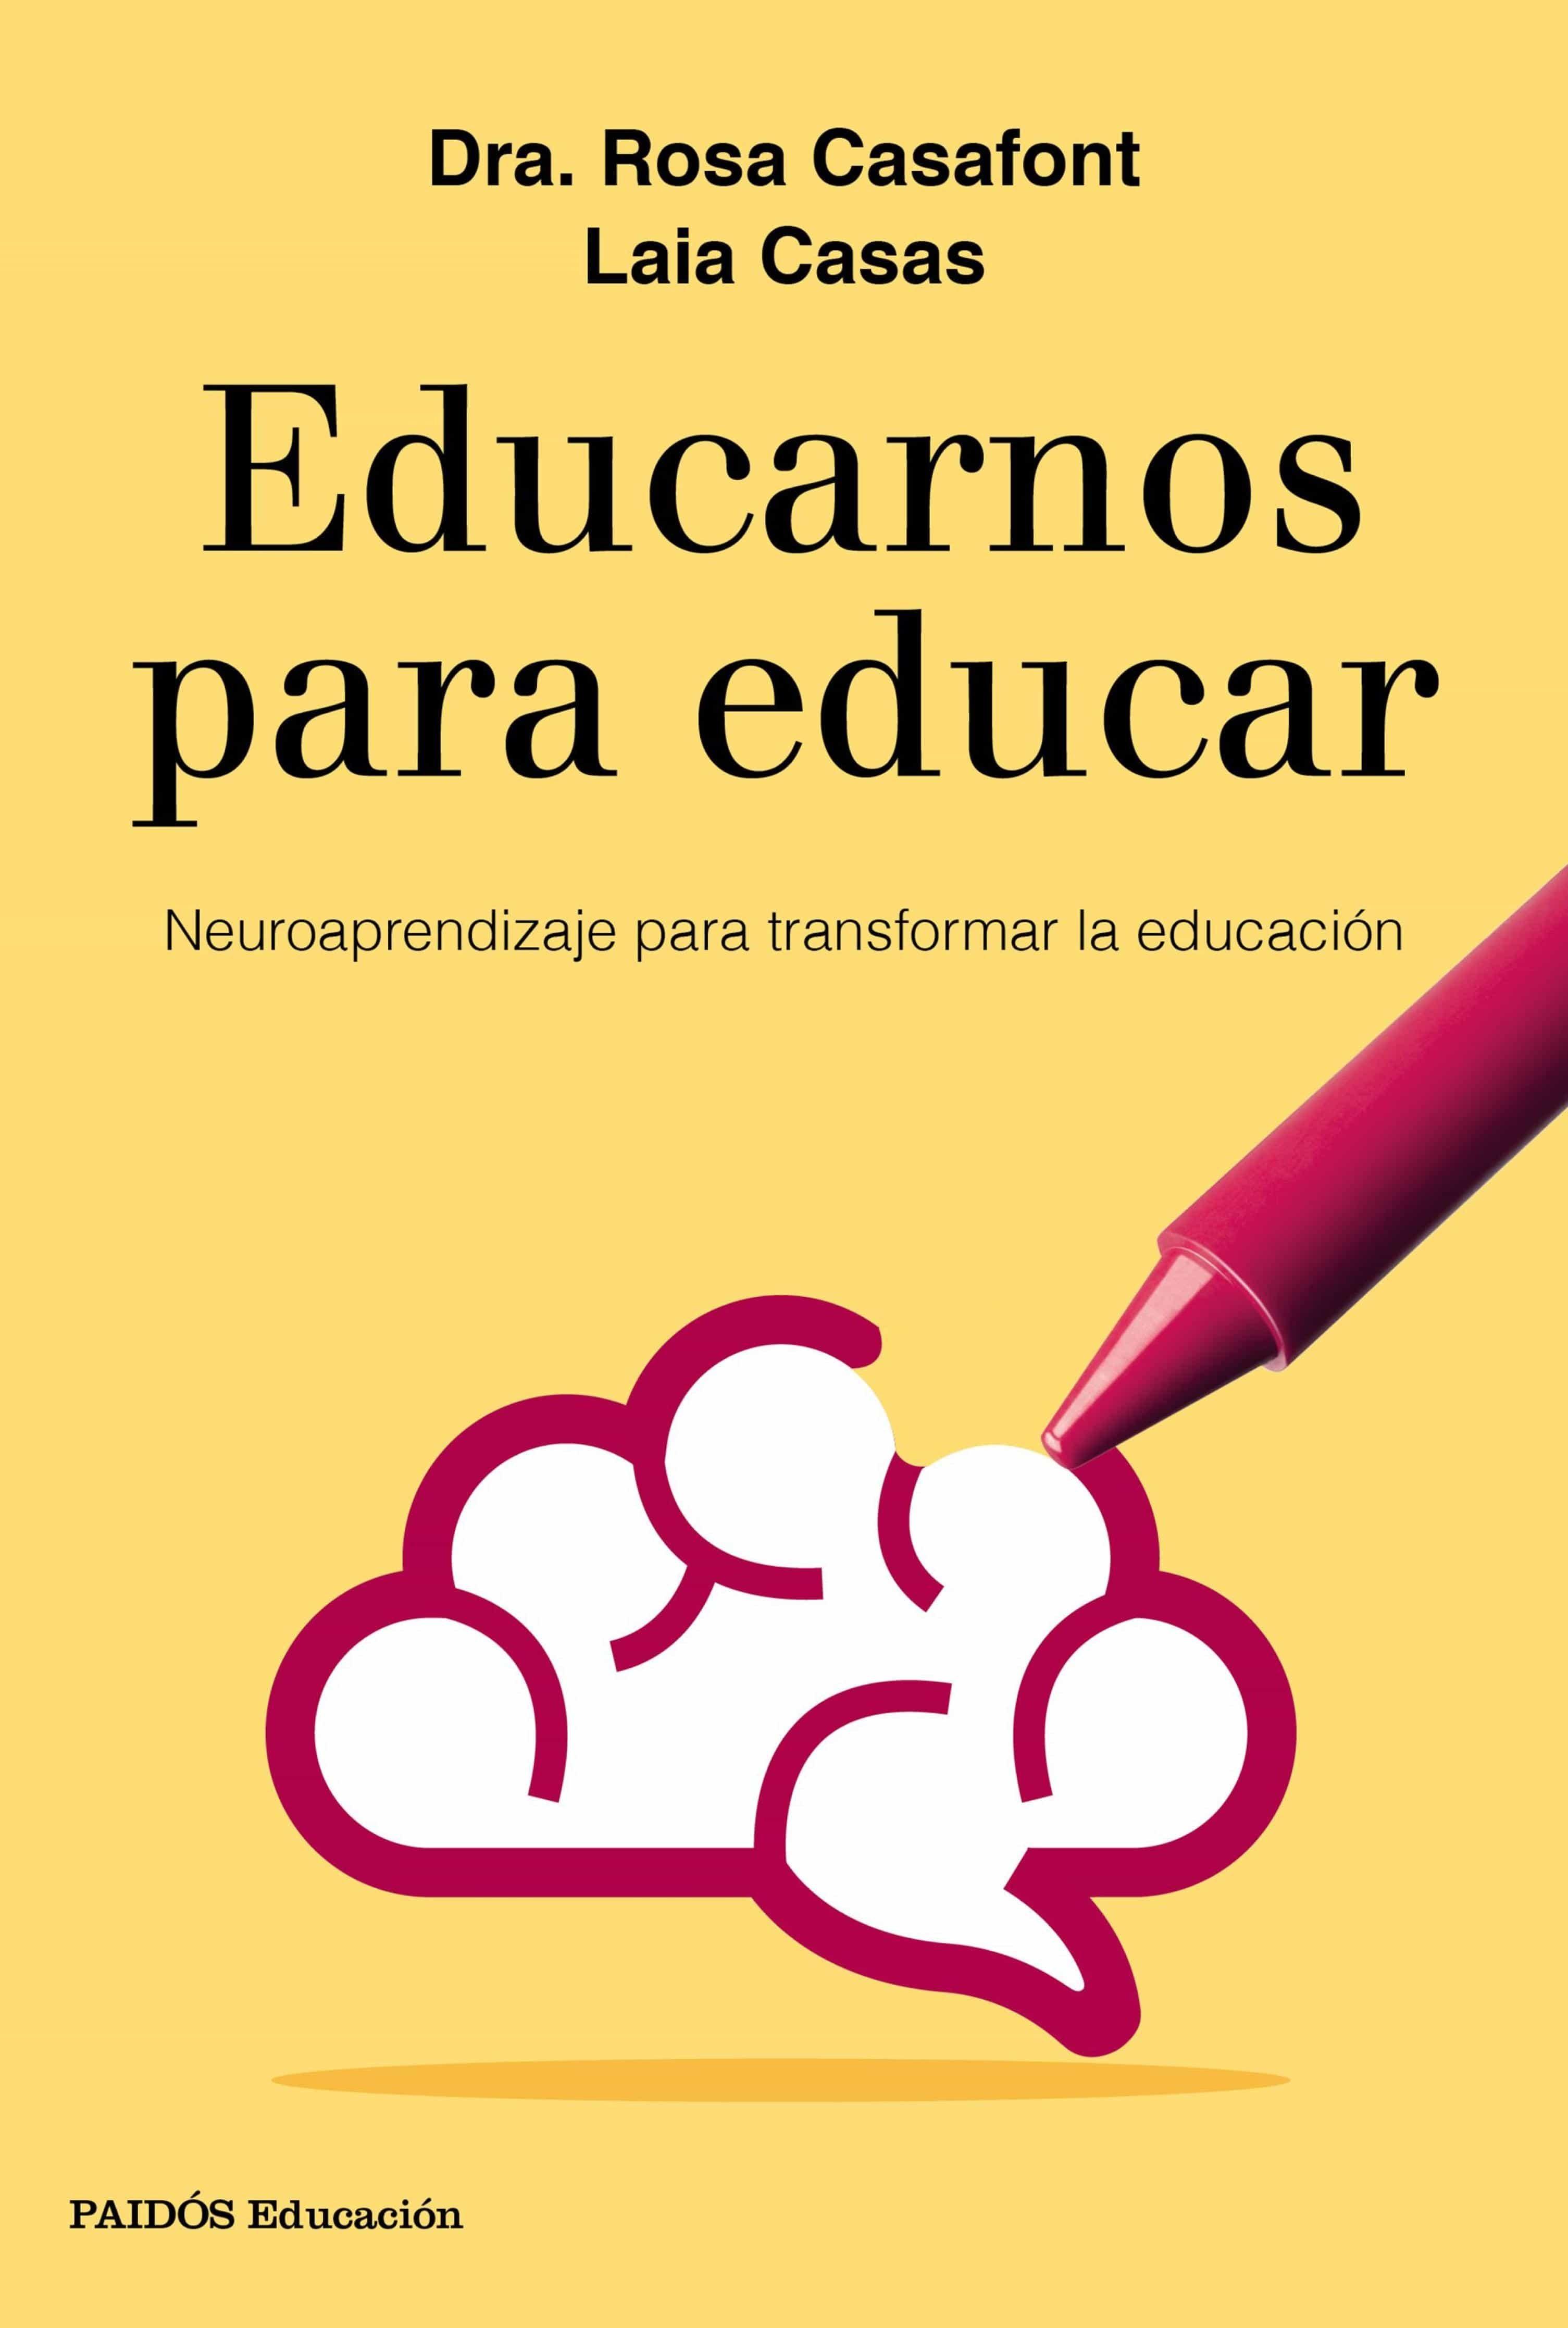 Educarnos para educar ebook rosa casafont descargar libro pdf educarnos para educar ebook rosa casafont laia casas 9788449334009 fandeluxe Image collections